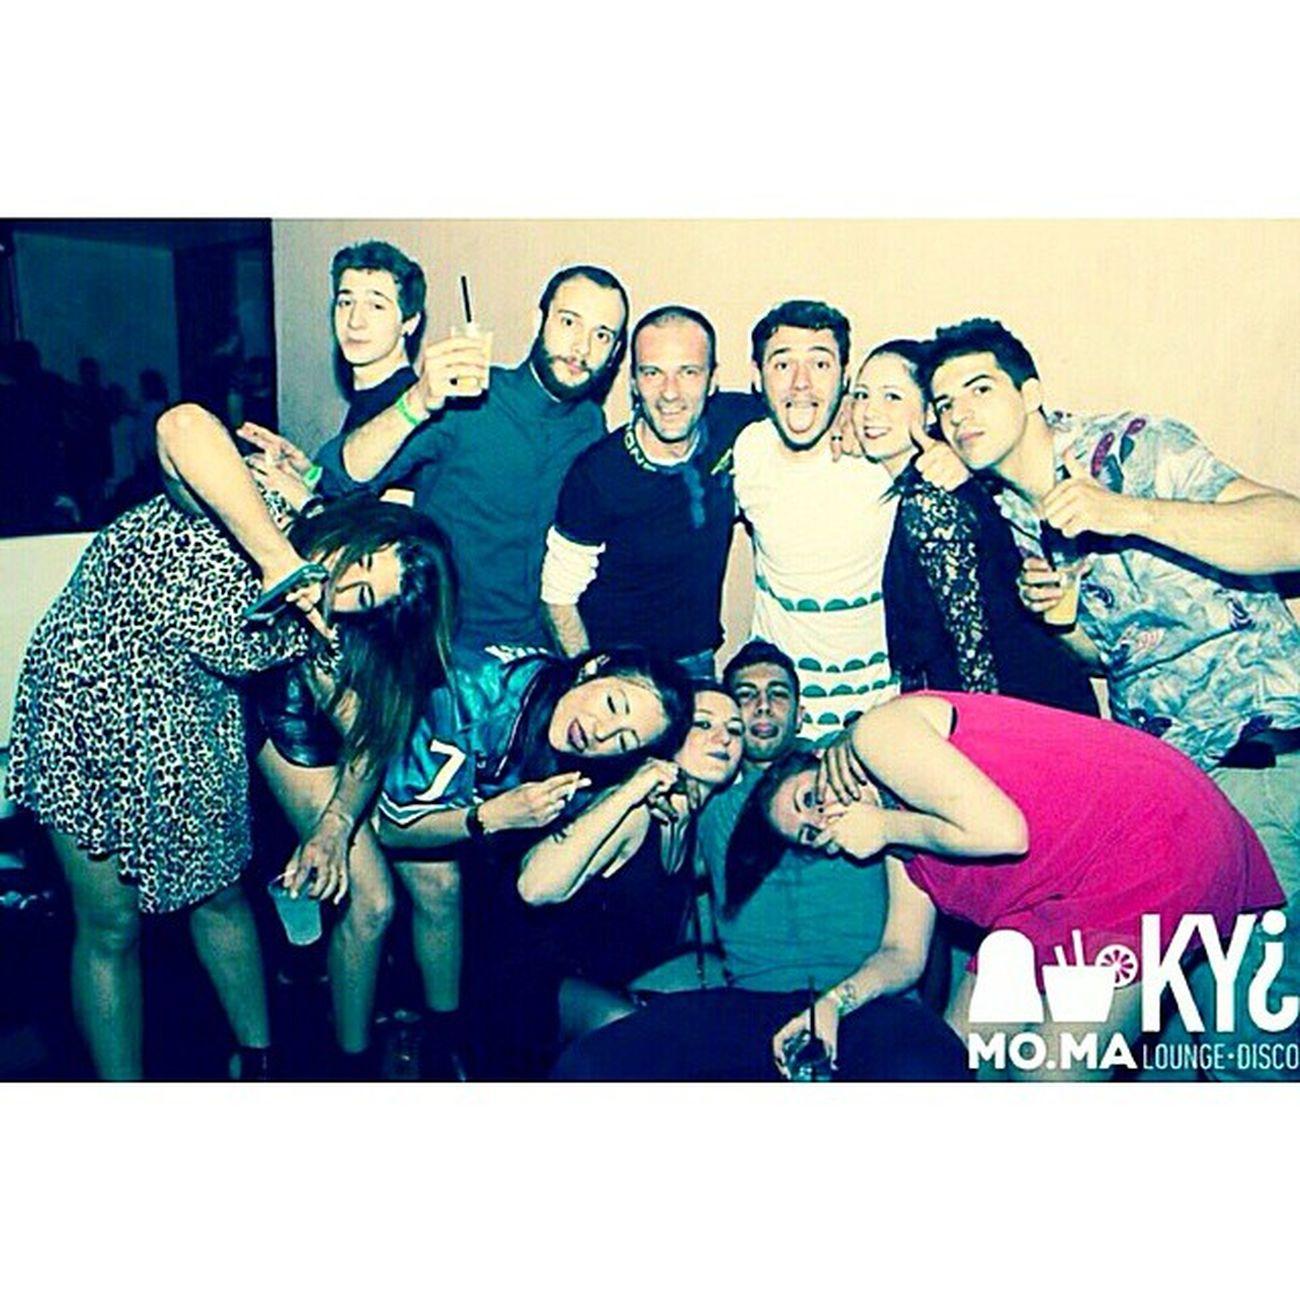 Venerdì al MO.MA c'era gente alcolizzata.. 😷💪 SenzaAlcool Moma Kyi Pocagenteseria Solocosebelle Tuttimoltosani